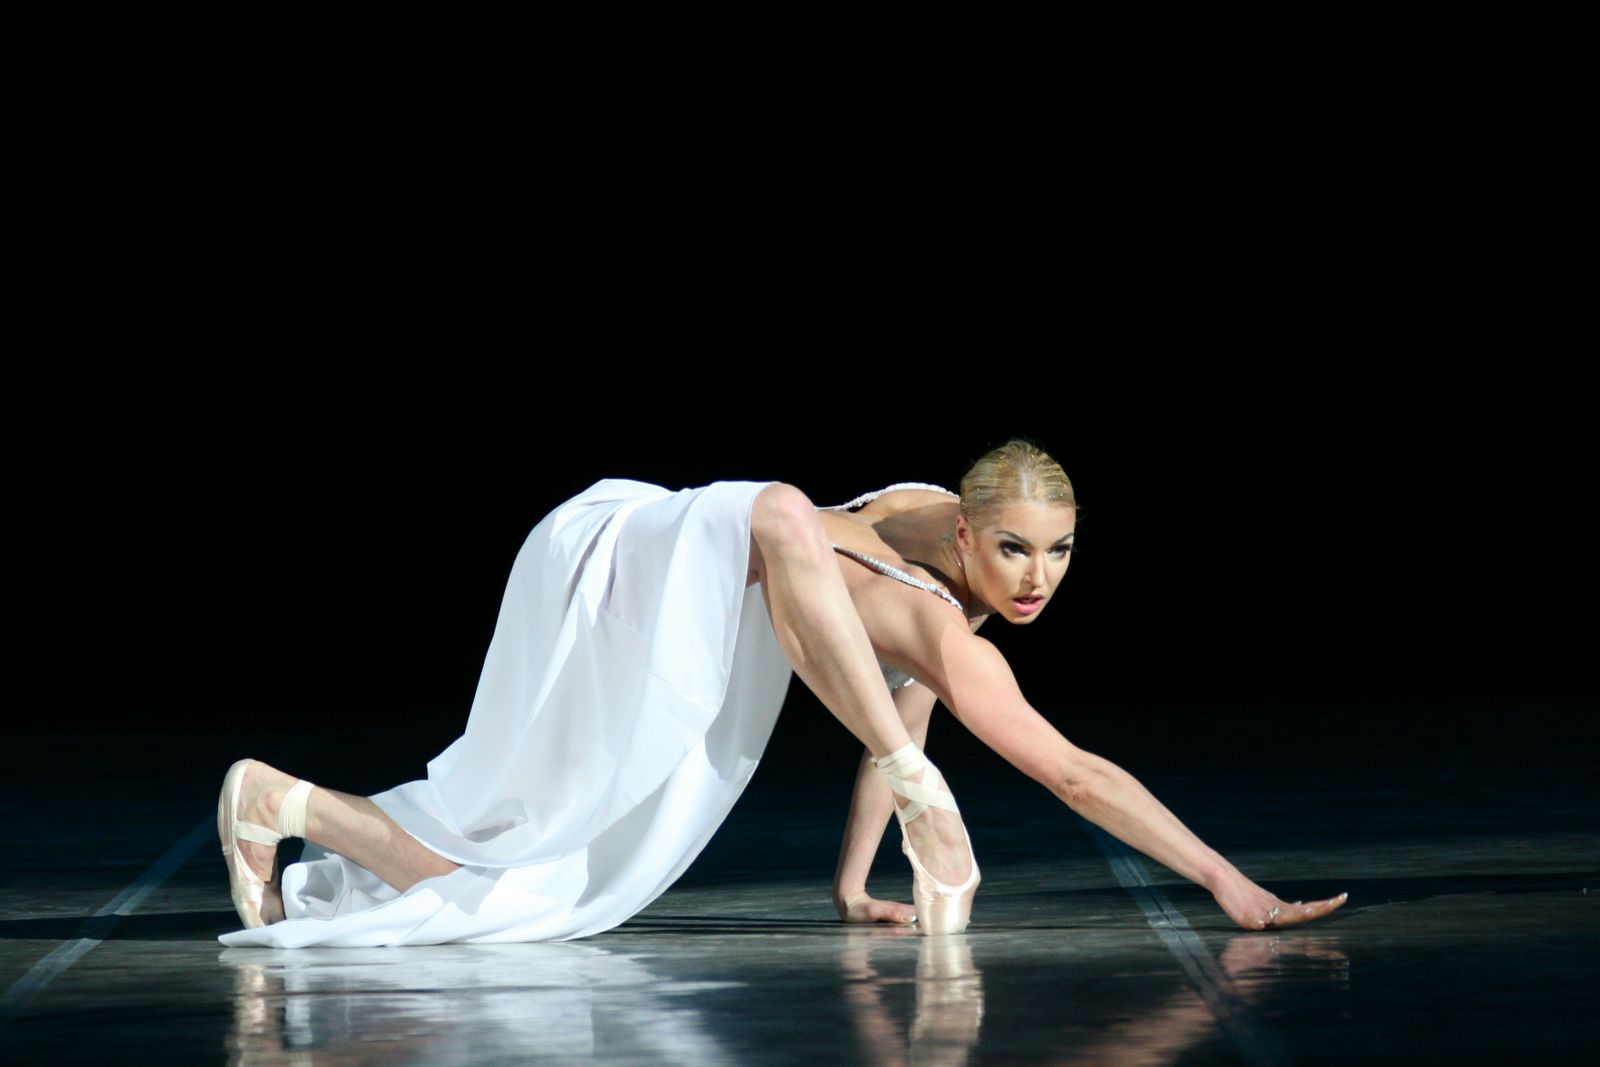 Фото балерины смотреть бесплатно 22 фотография